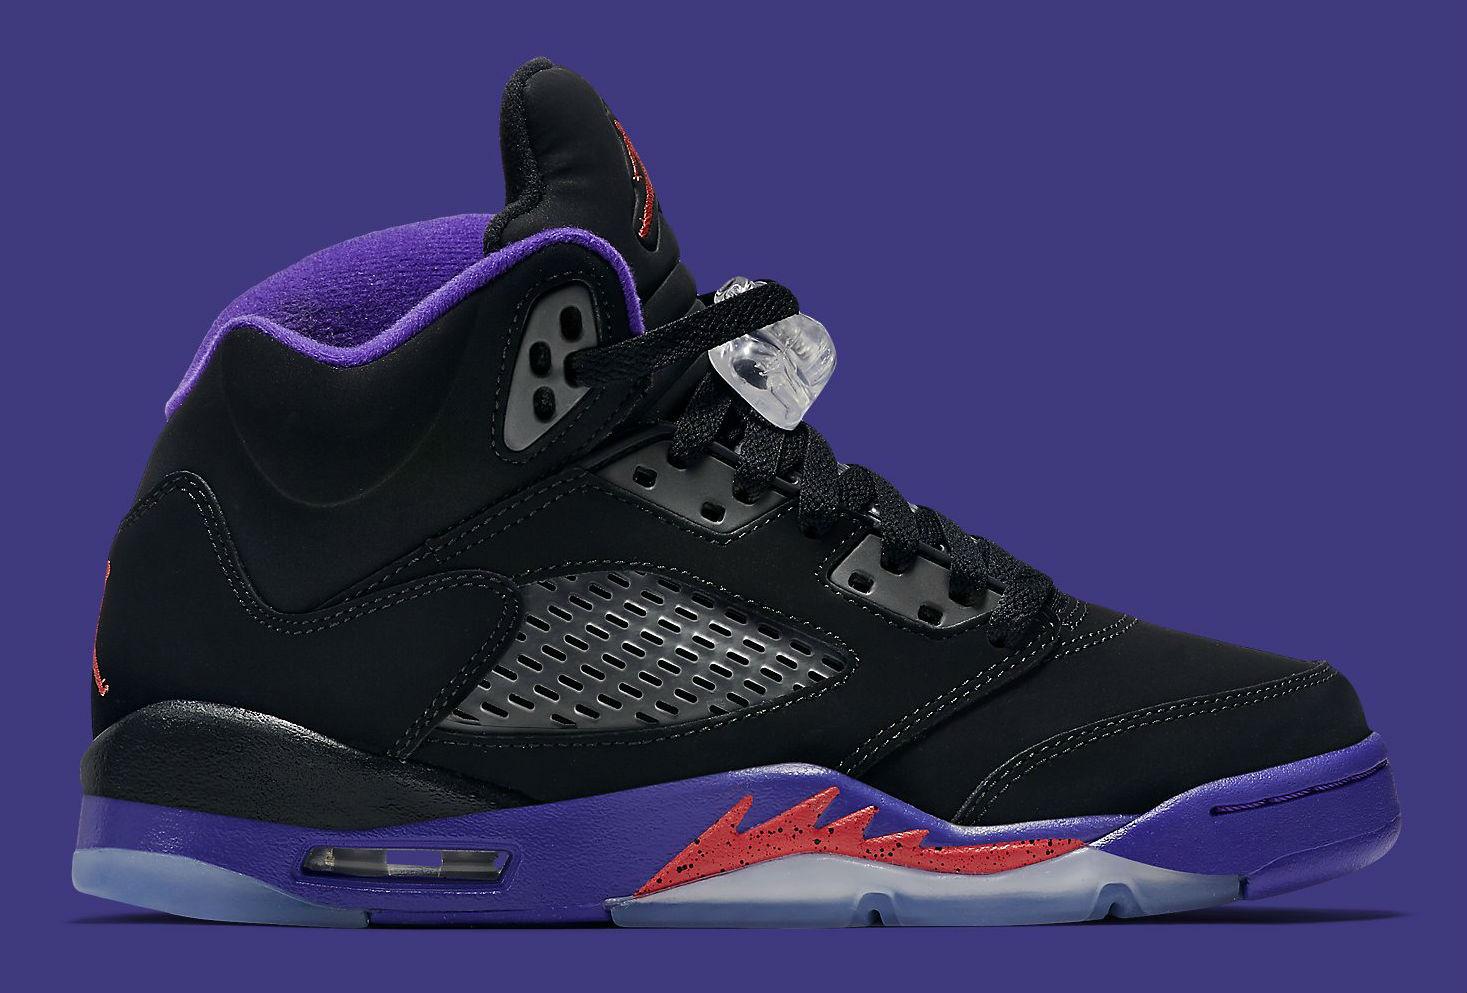 cfab7b59bd61 Air Jordan 5 GS Raptors Release Date Side 440893-017